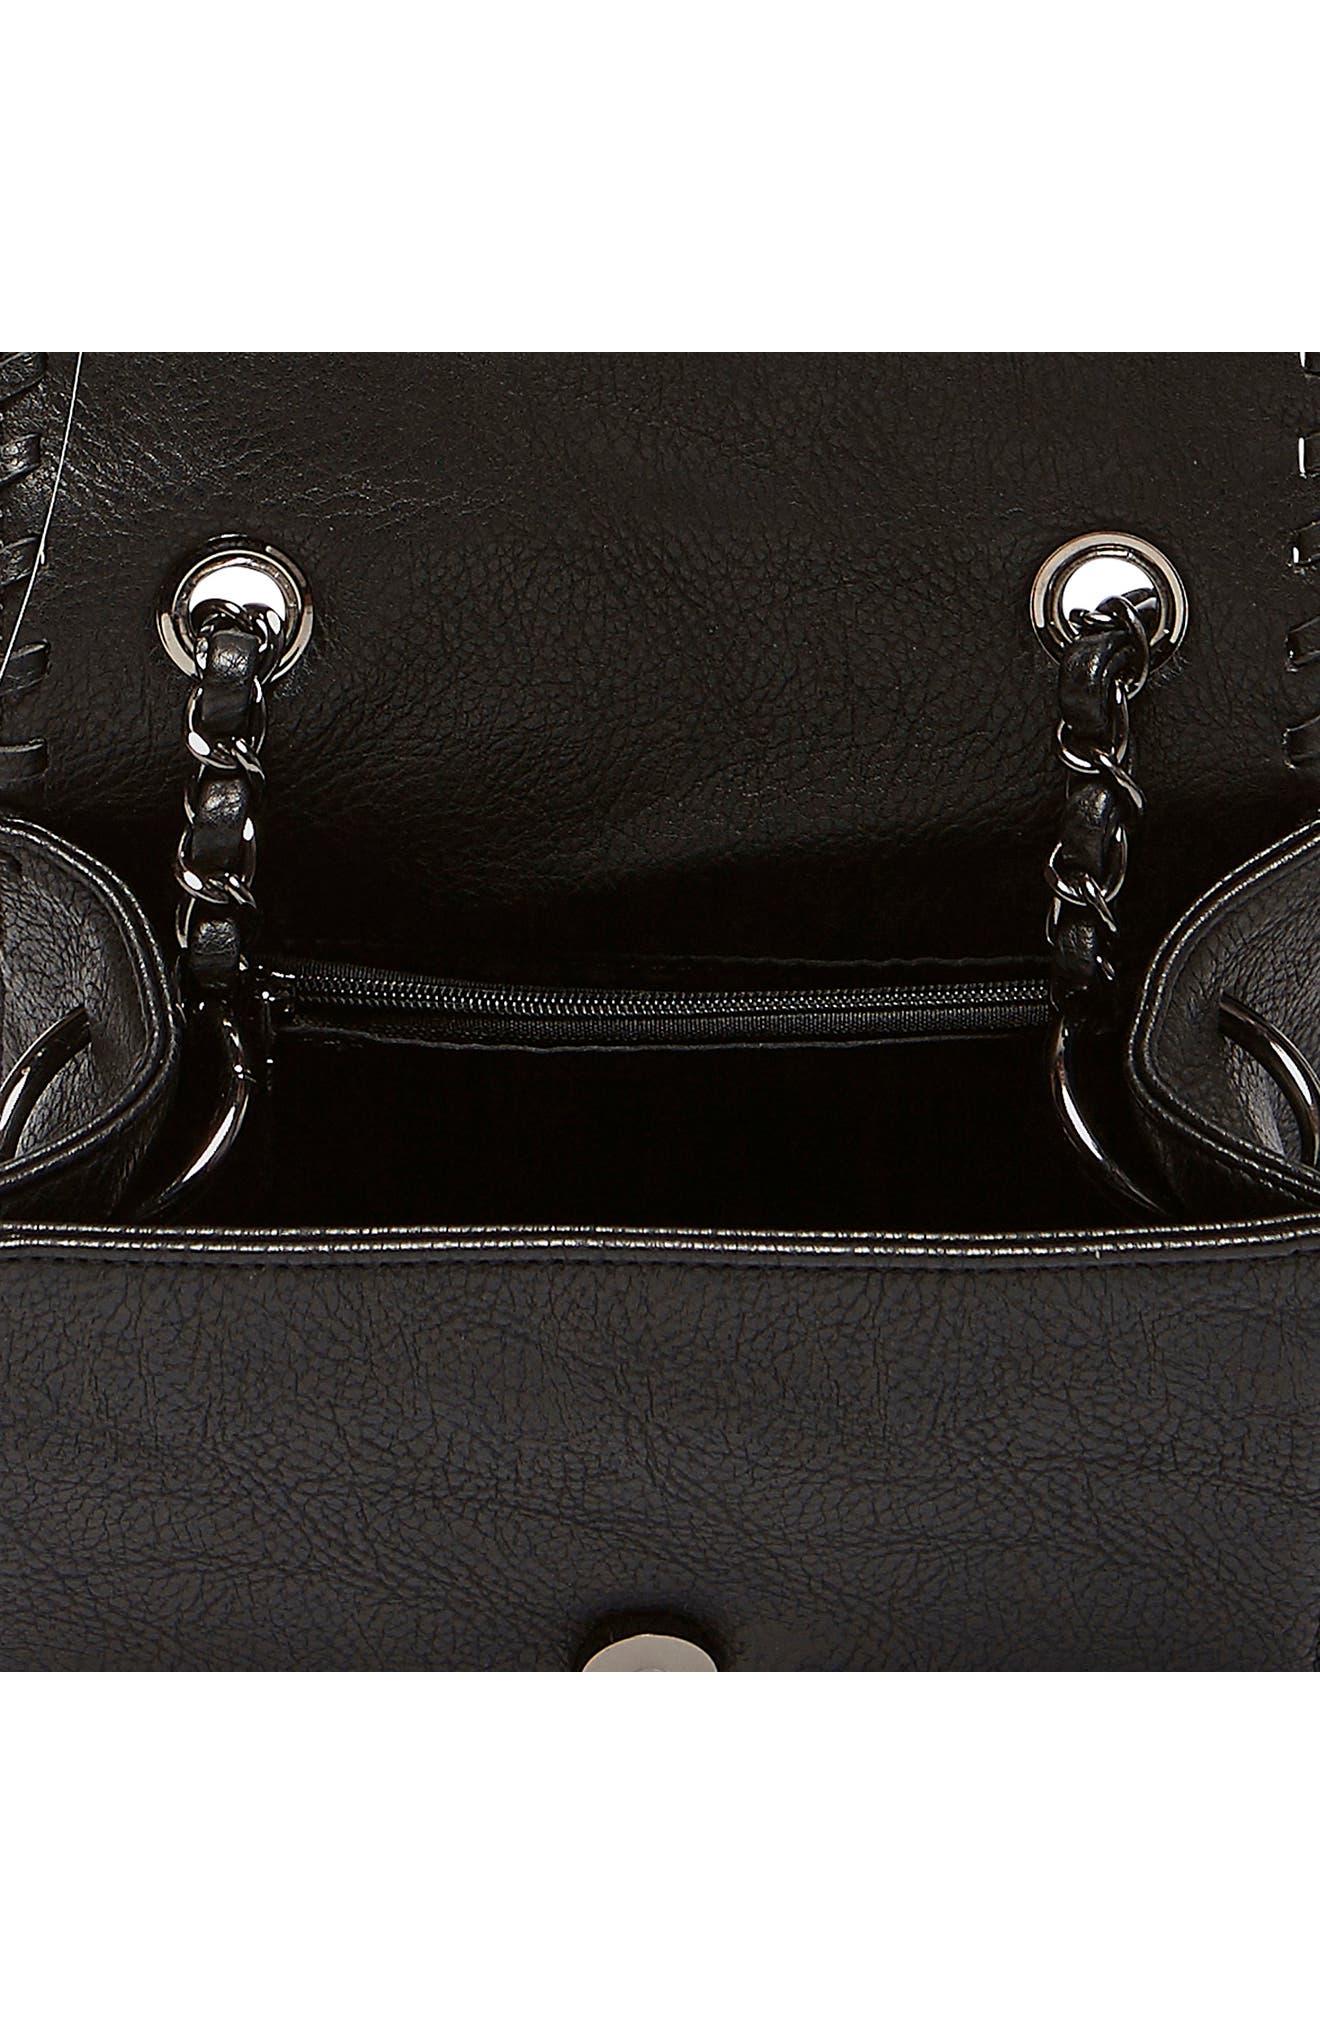 Loveliness Vegan Leather Shoulder Bag,                             Alternate thumbnail 2, color,                             001